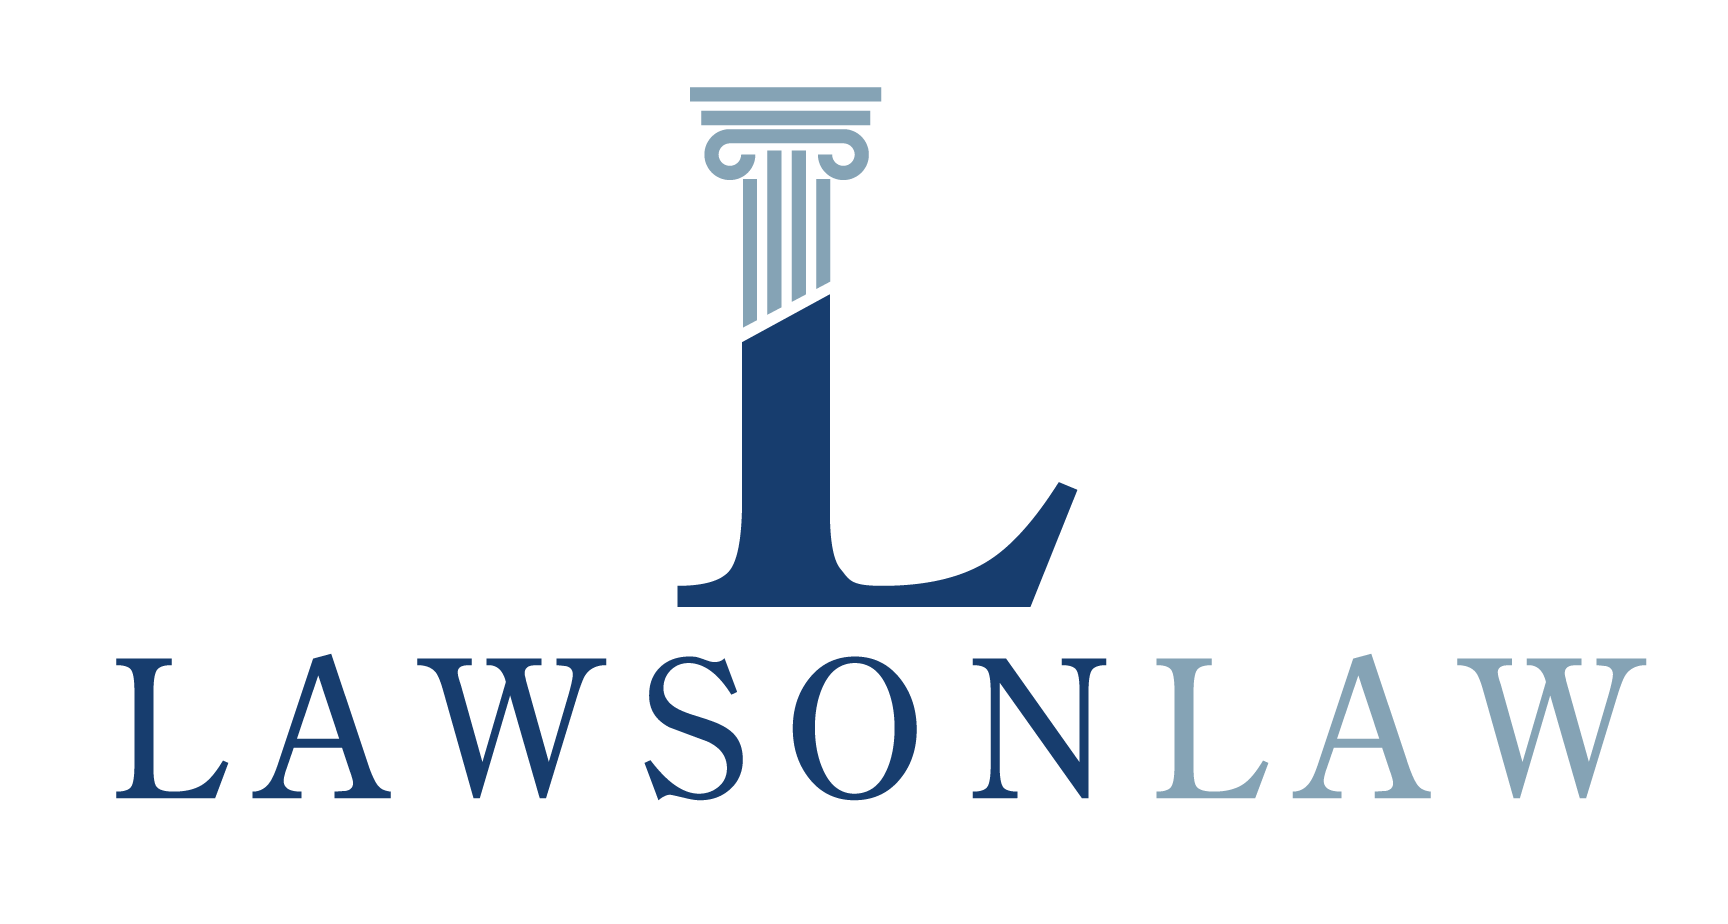 Lawson Law